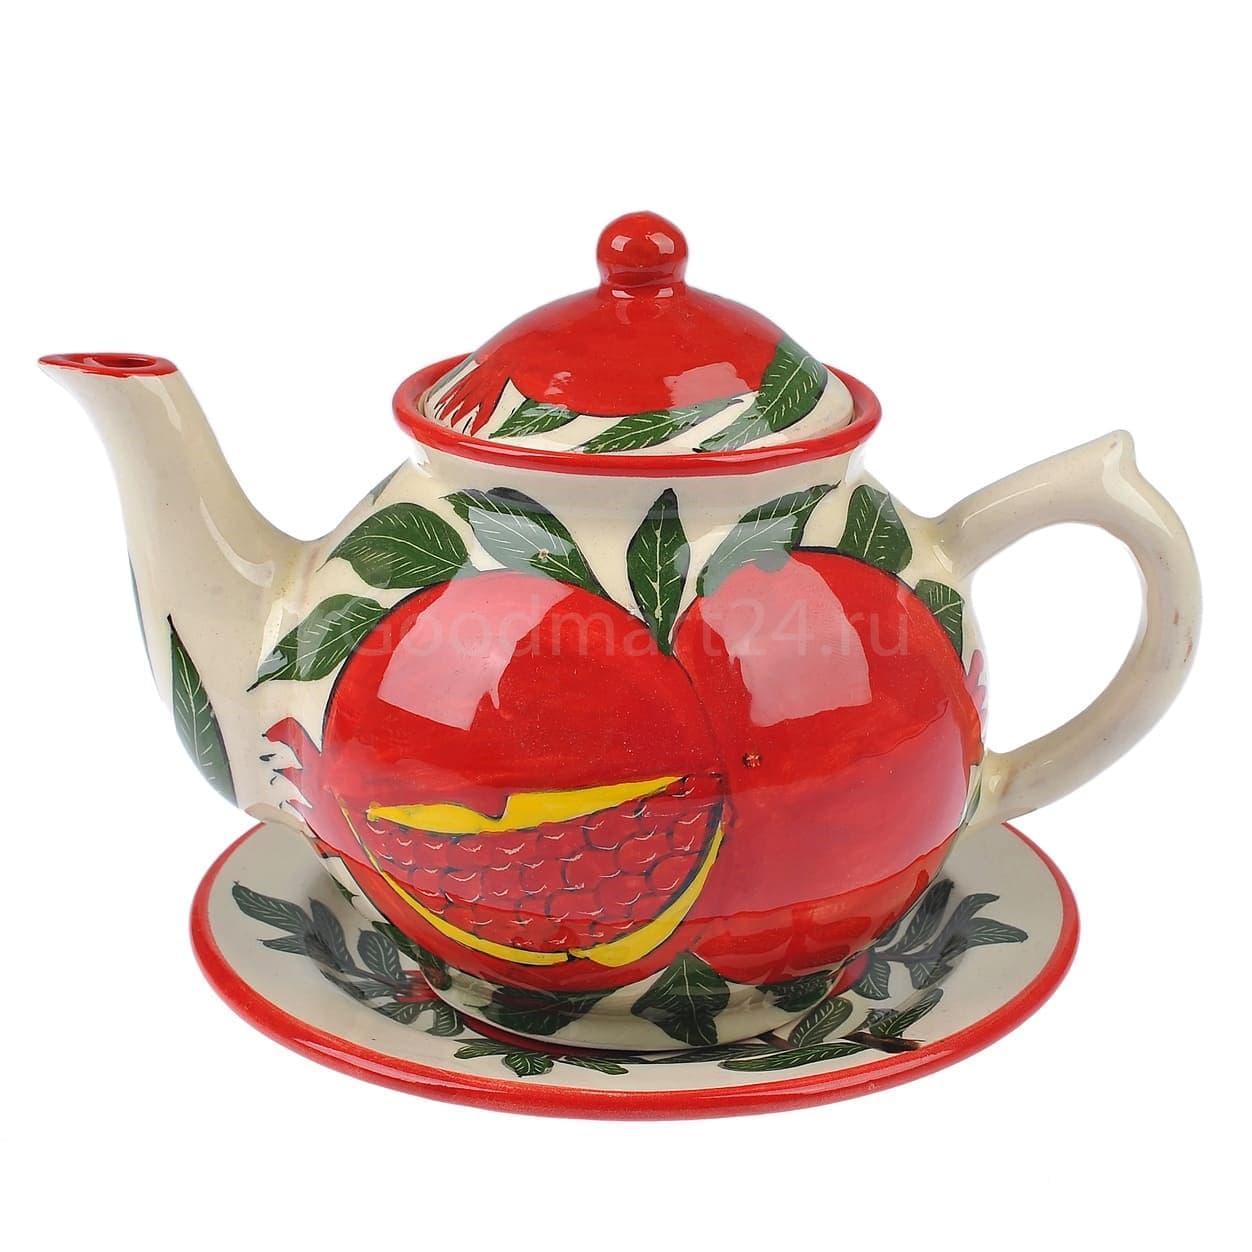 Набор чайный Риштанская Керамика, 9 предметов, Гранат - фото 9487